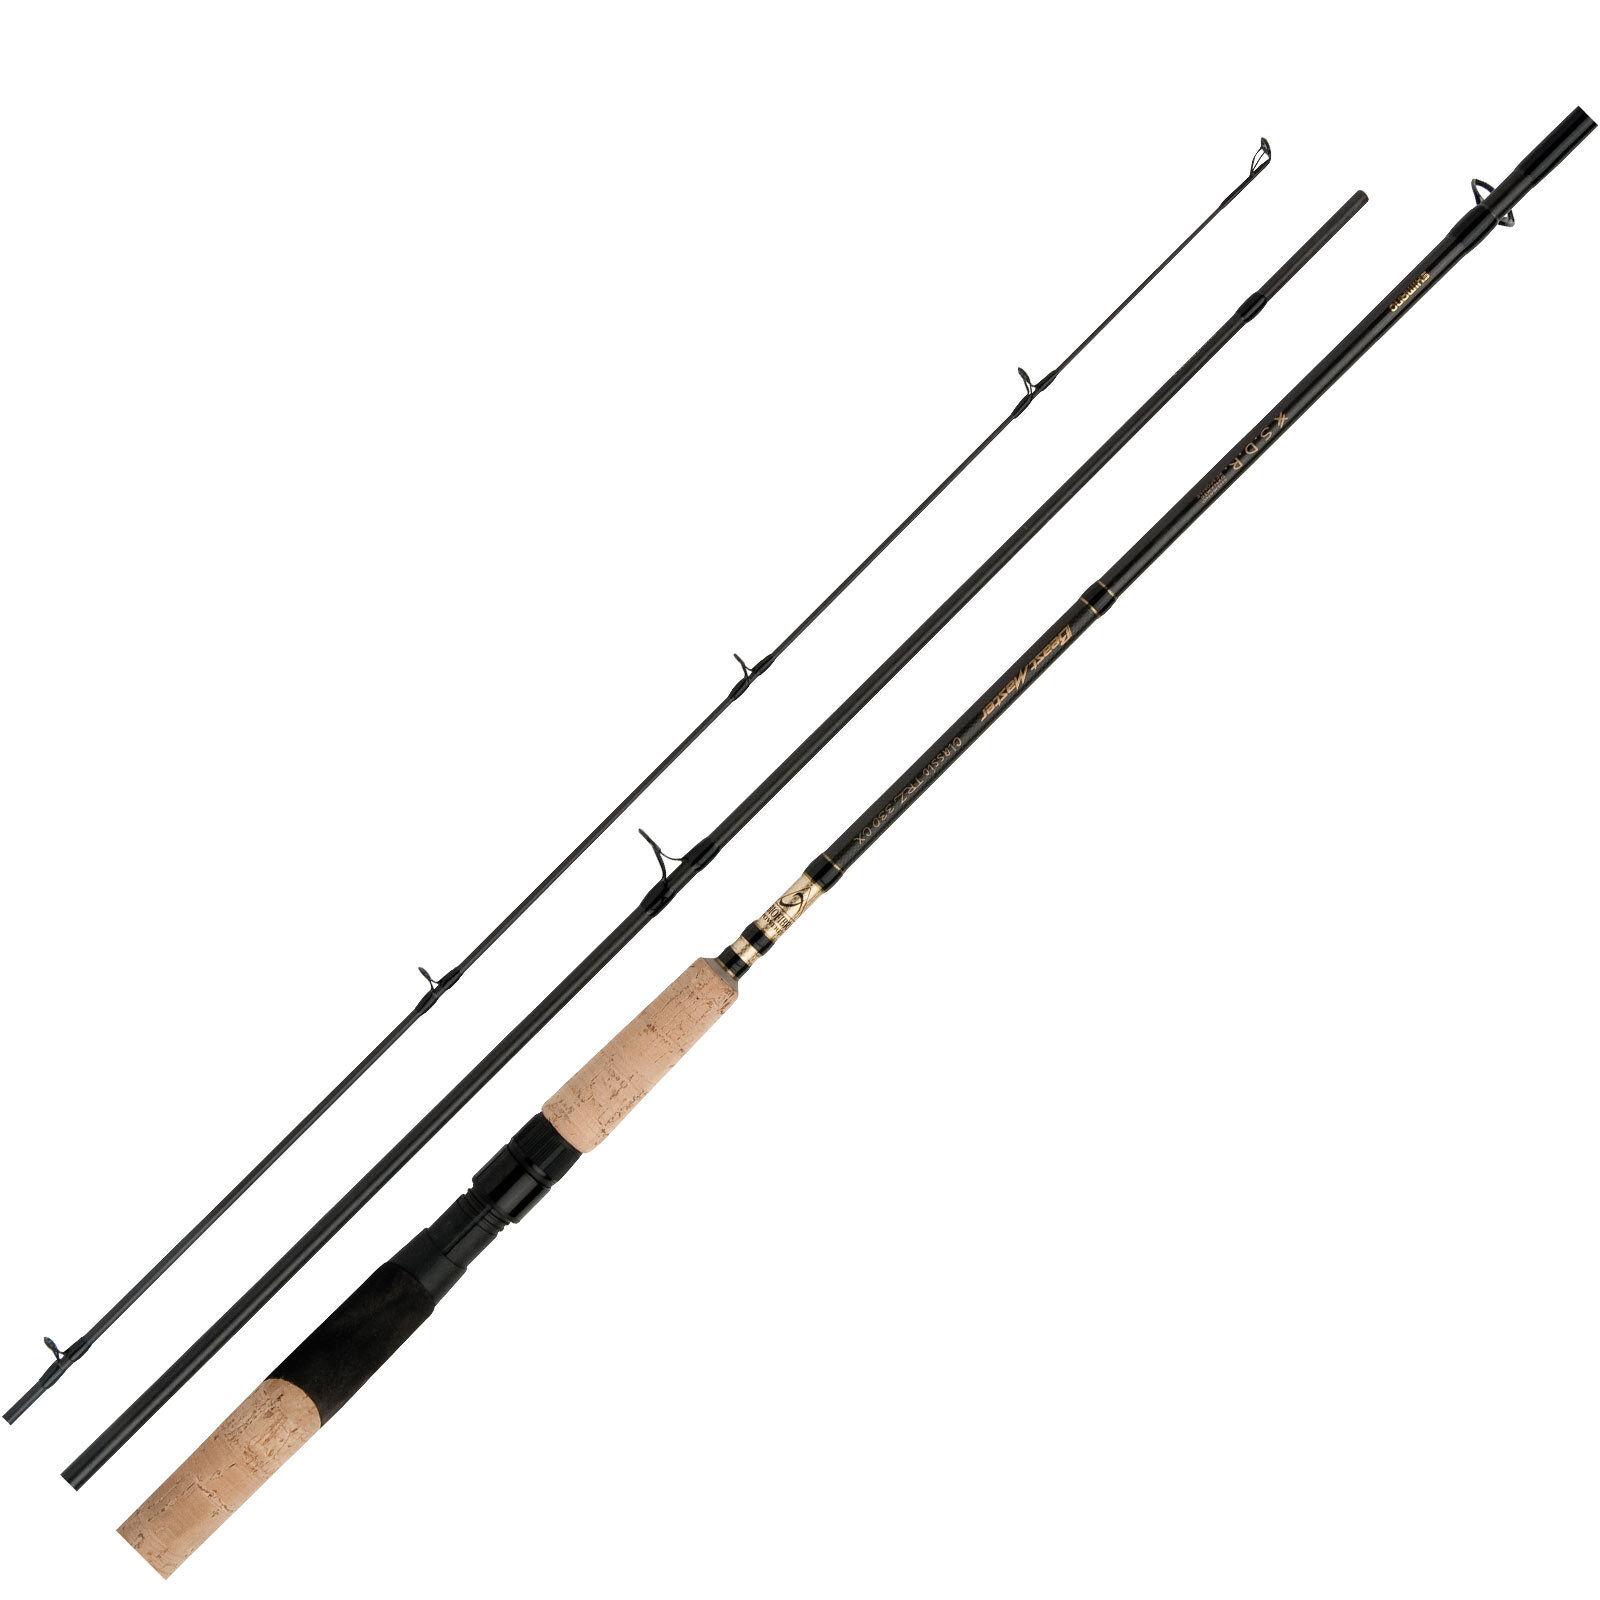 Shimano suponen el grueso de la barra barra de pesca - Leucomas de trucha de Beastmaster CX 3, 00 m 5-40 g